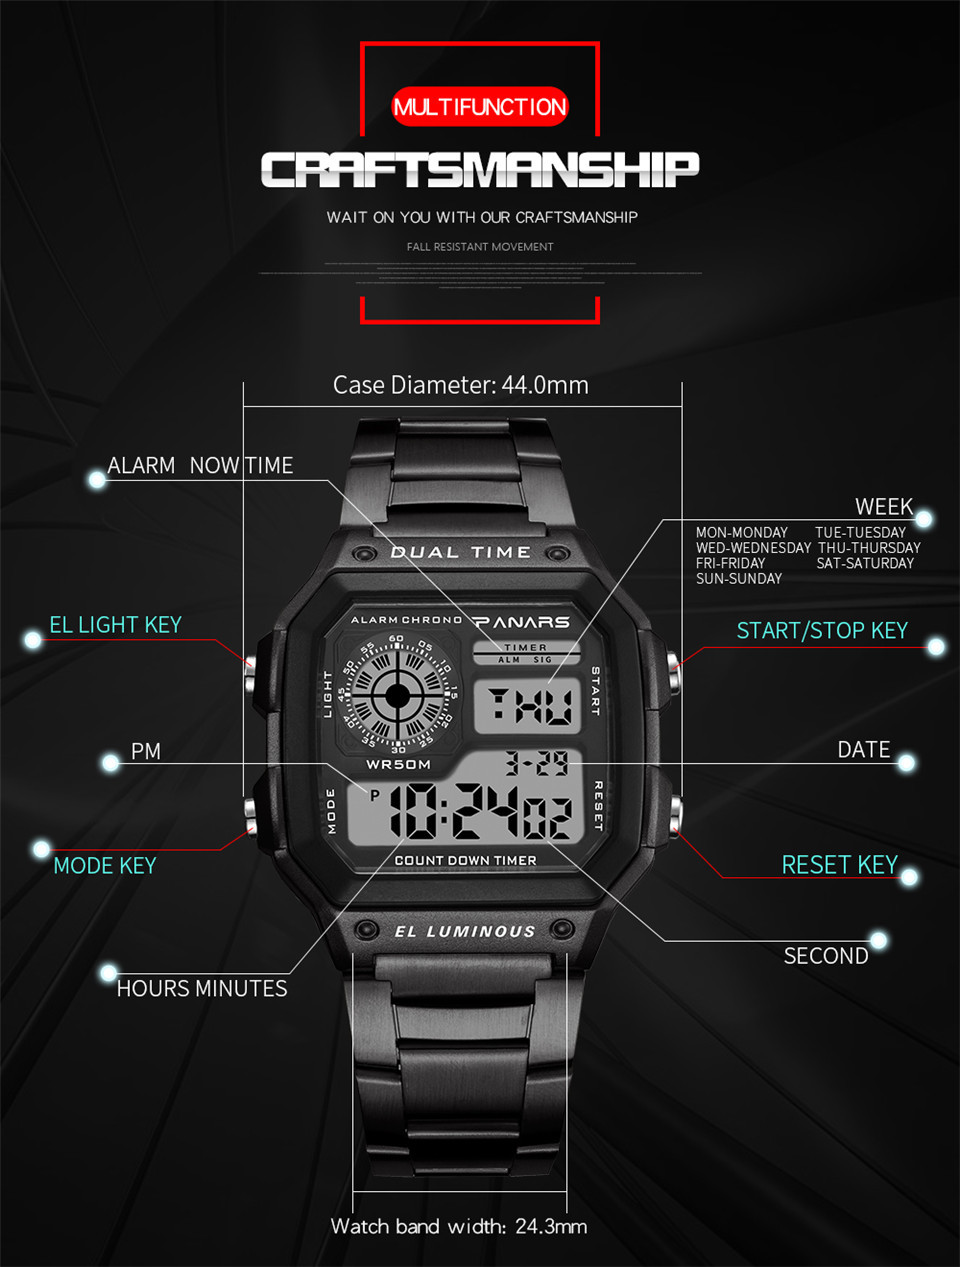 d6b7bfe7488 Relógio eletrônico Digital Wrist Watch Men Electronic Watch Luxury Sport  Watch LED Display Kol Saati Zegarki Meskie Horloges